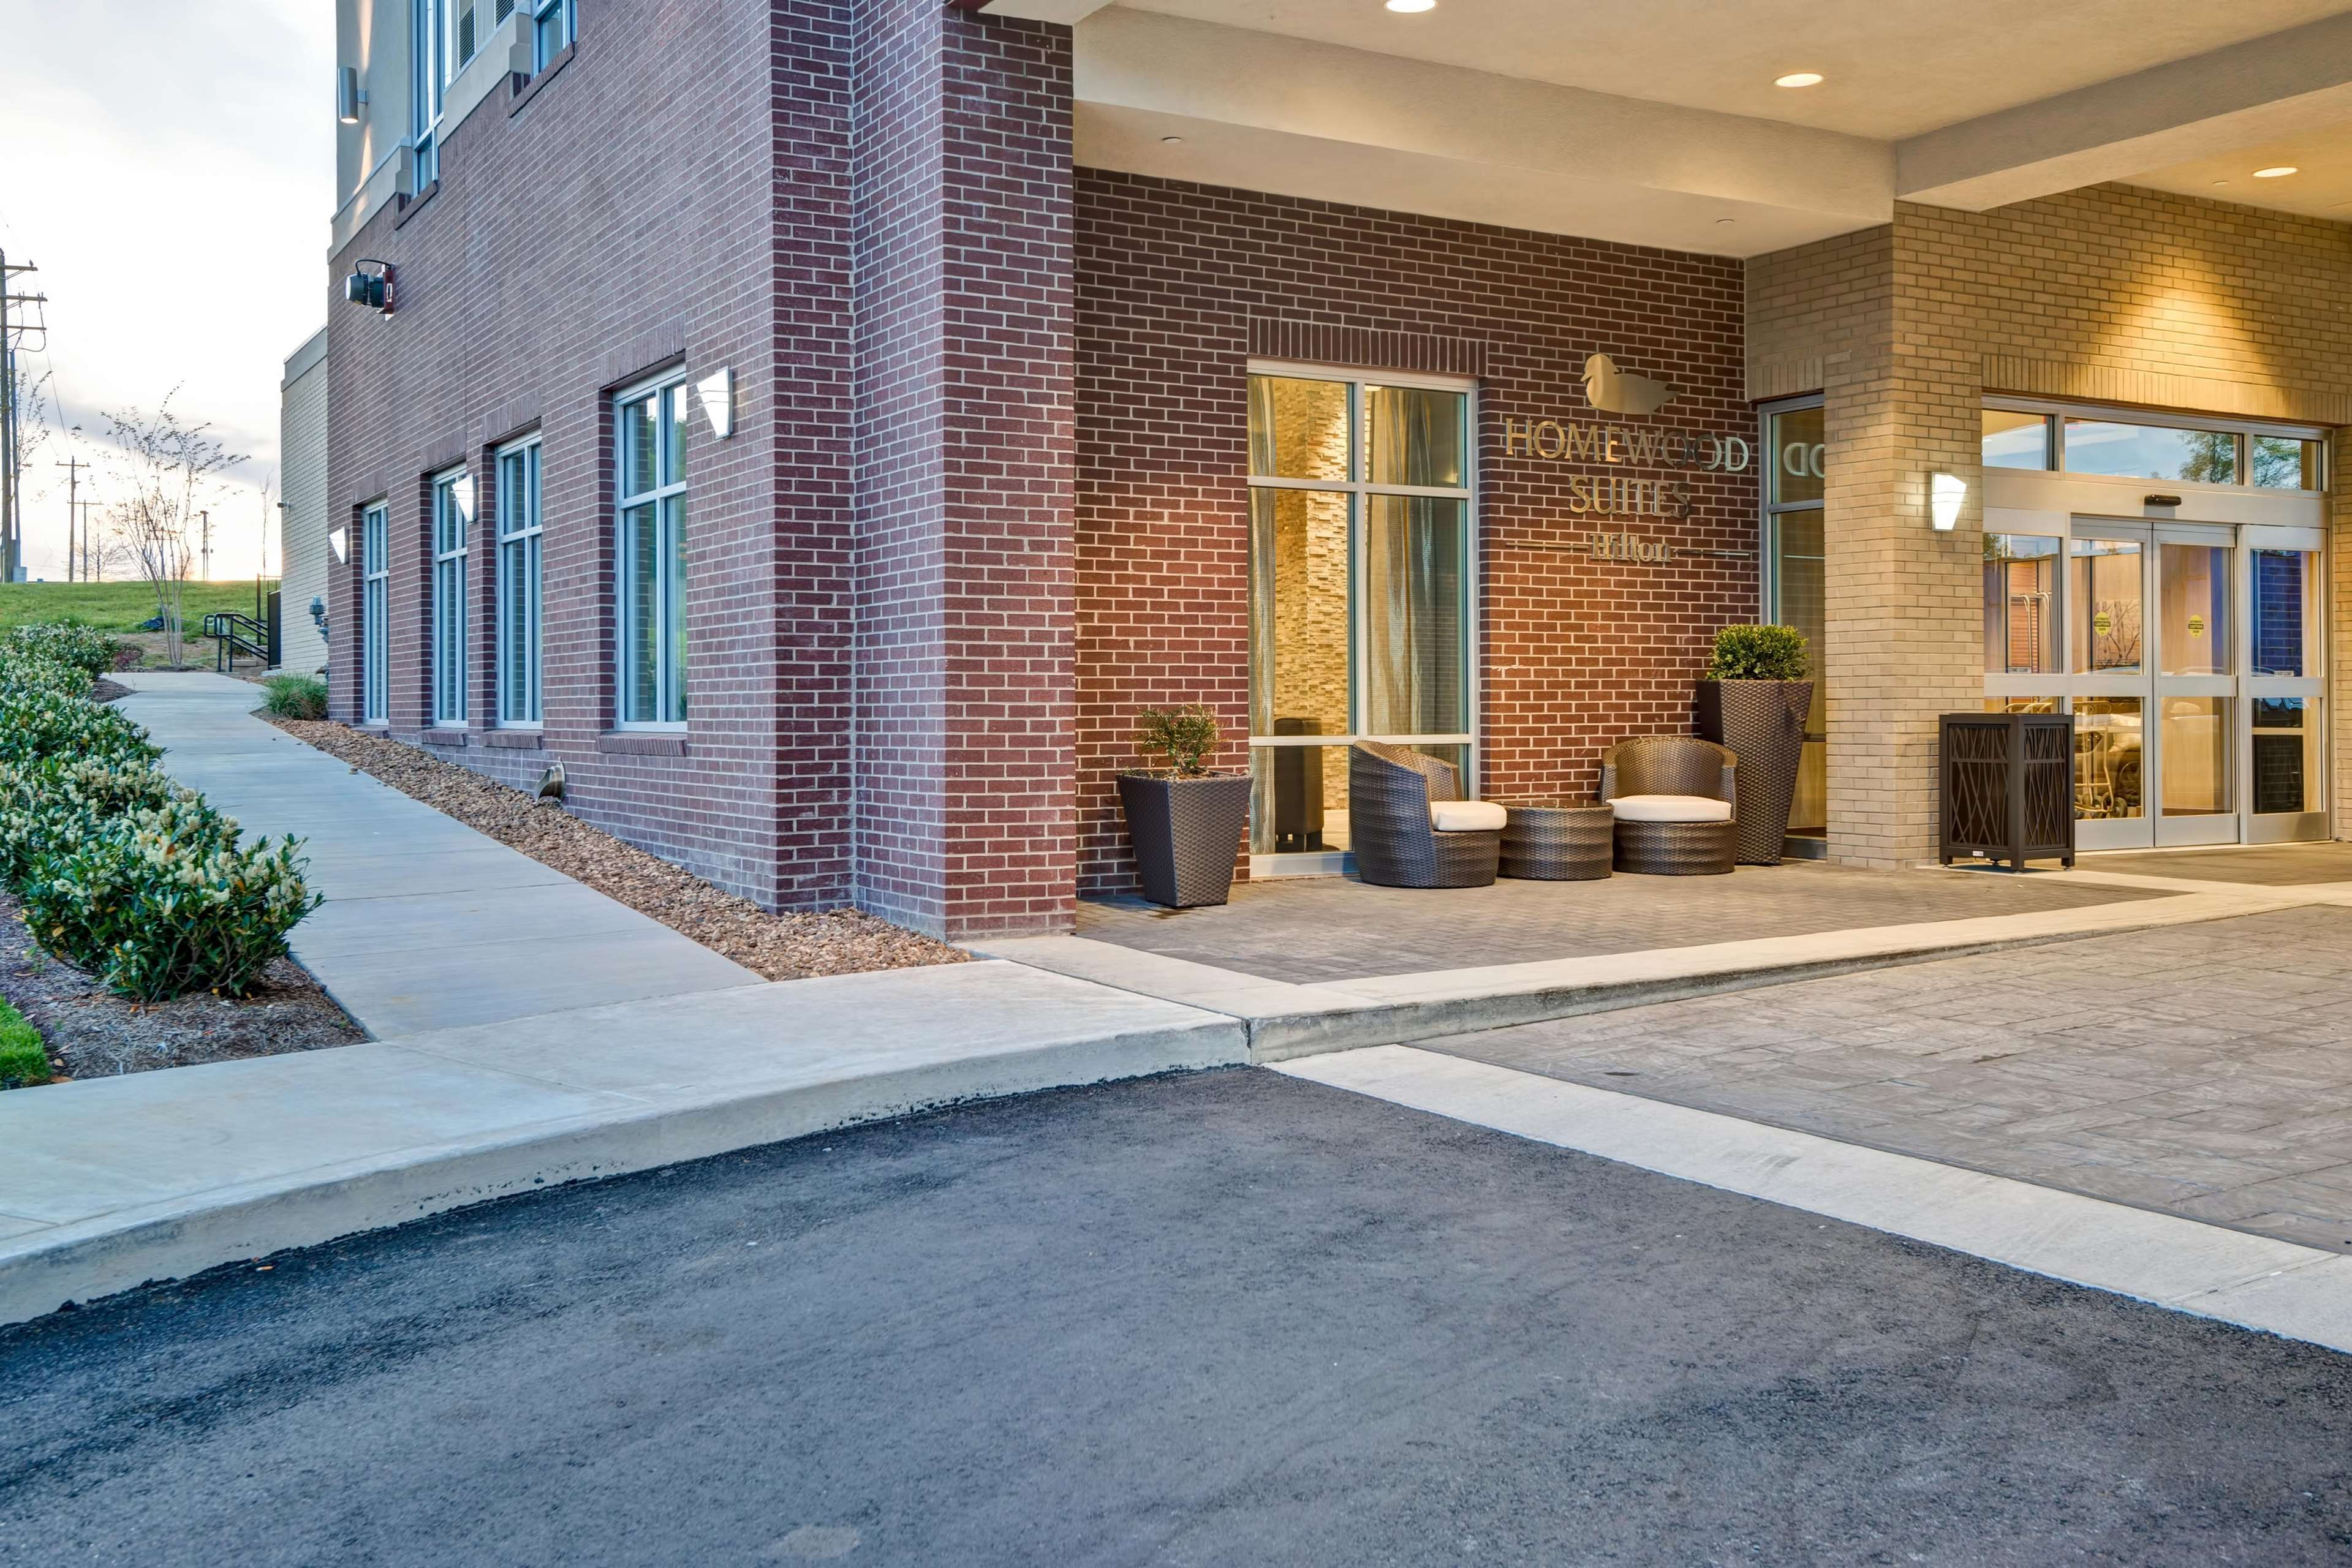 Homewood Suites by Hilton Nashville Franklin Cool Springs image 47